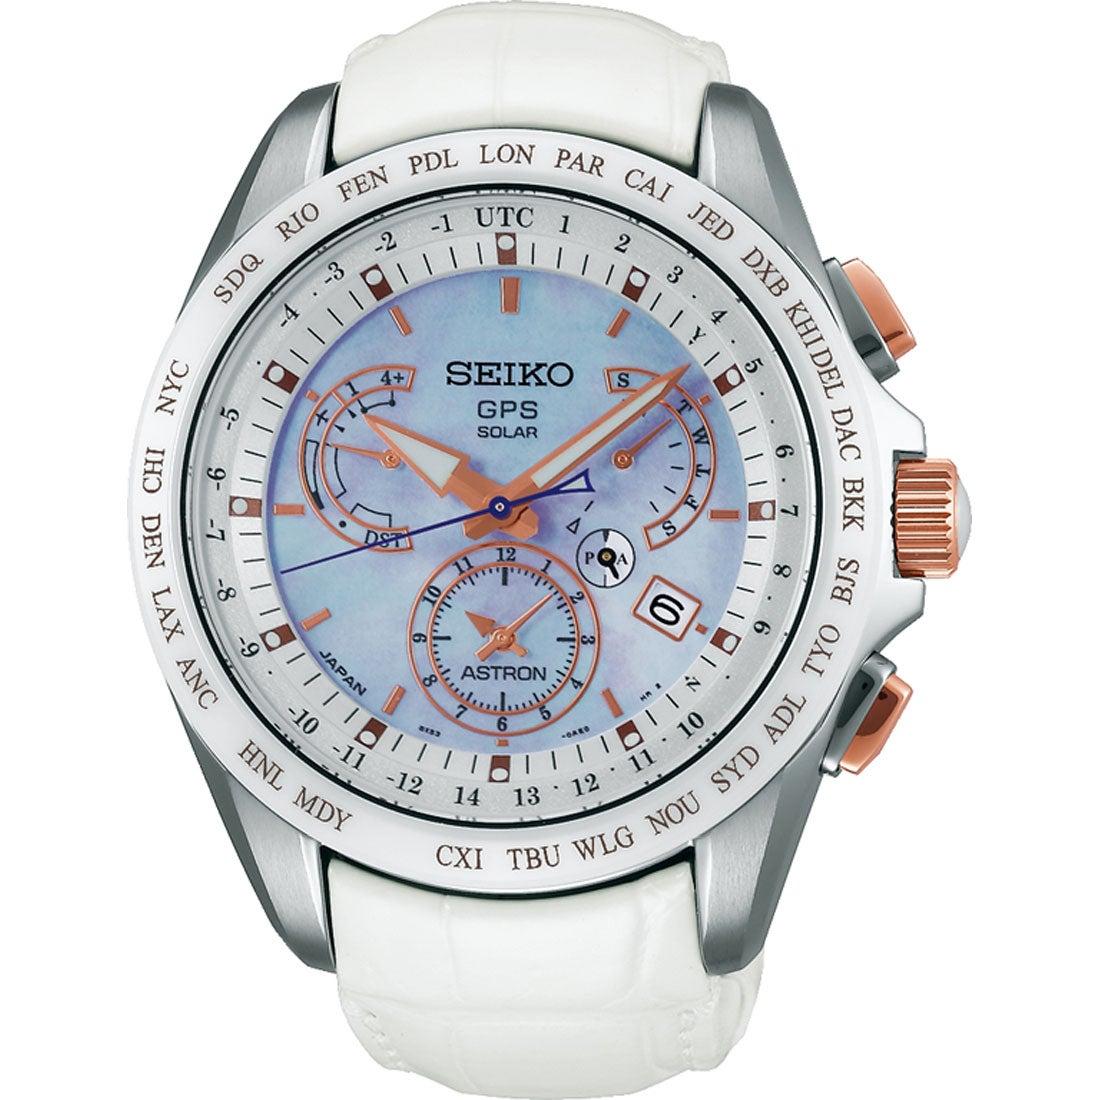 【SALE 10%OFF】SEIKO アストロン ASTRON 9Xシリーズ デュアルタイム ソーラーGPS 国産 メンズ SBXB063